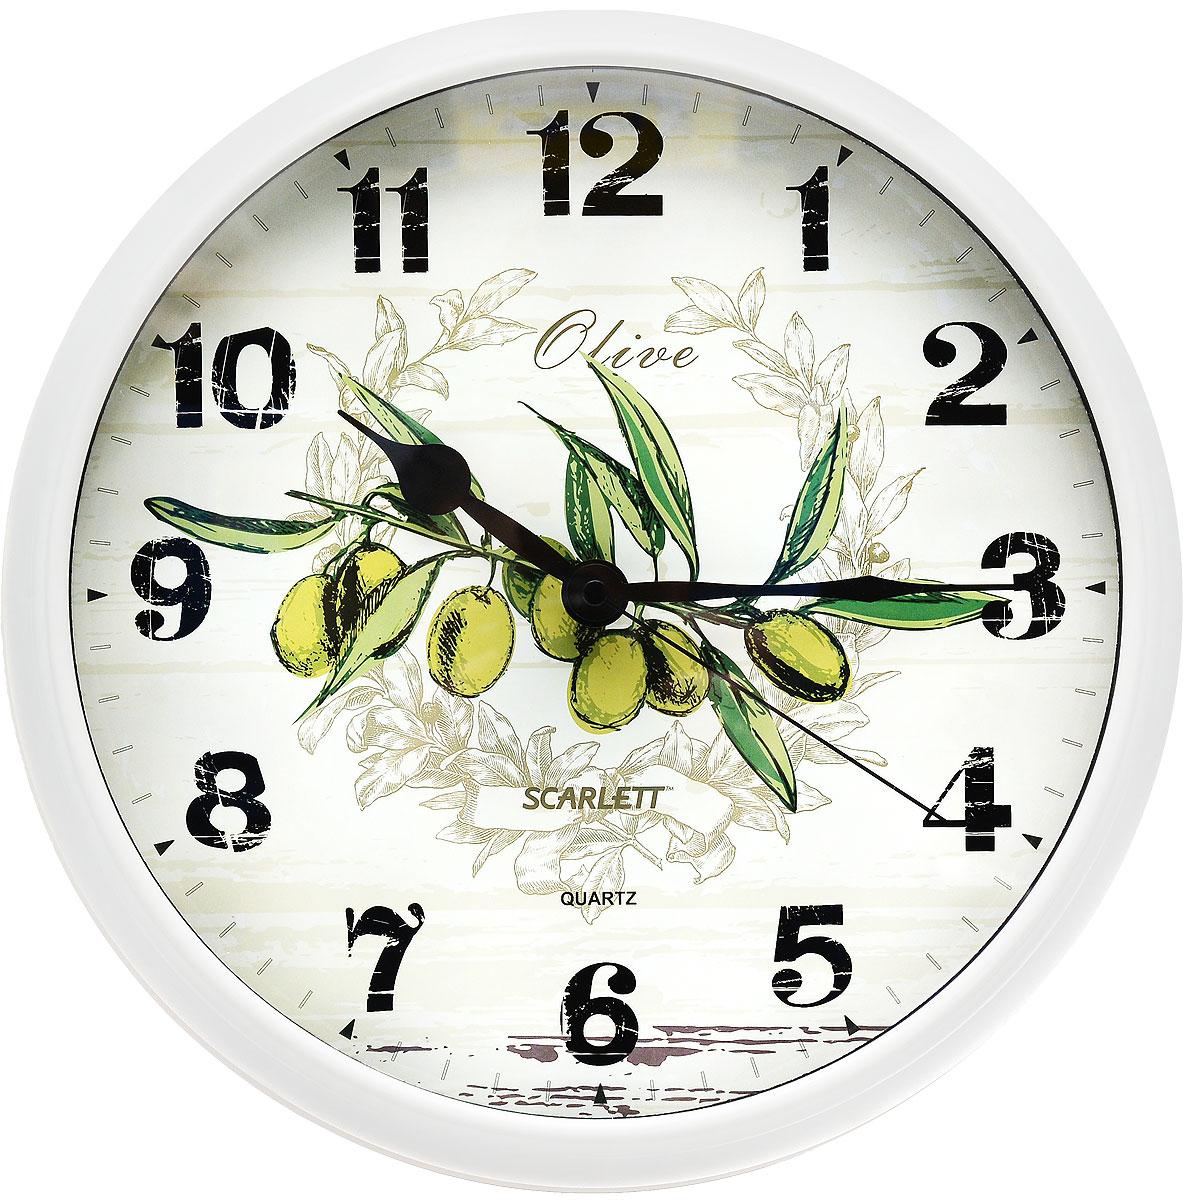 Часы настенные Scarlett, диаметр 31 см. SC - WC1005KSC - WC1005KНастенные кварцевые часы Scarlett в классическом дизайне,изготовленные из пластика, прекрасно впишутся в интерьервашей кухни. Круглые часы имеют три стрелки: часовую,минутную и секундную, циферблат защищен прозрачнымпластиком.Часы работают от 1 батарейки типа АА напряжением 1,5 В(батарейка в комплект не входит). Диаметр часов: 31 см.